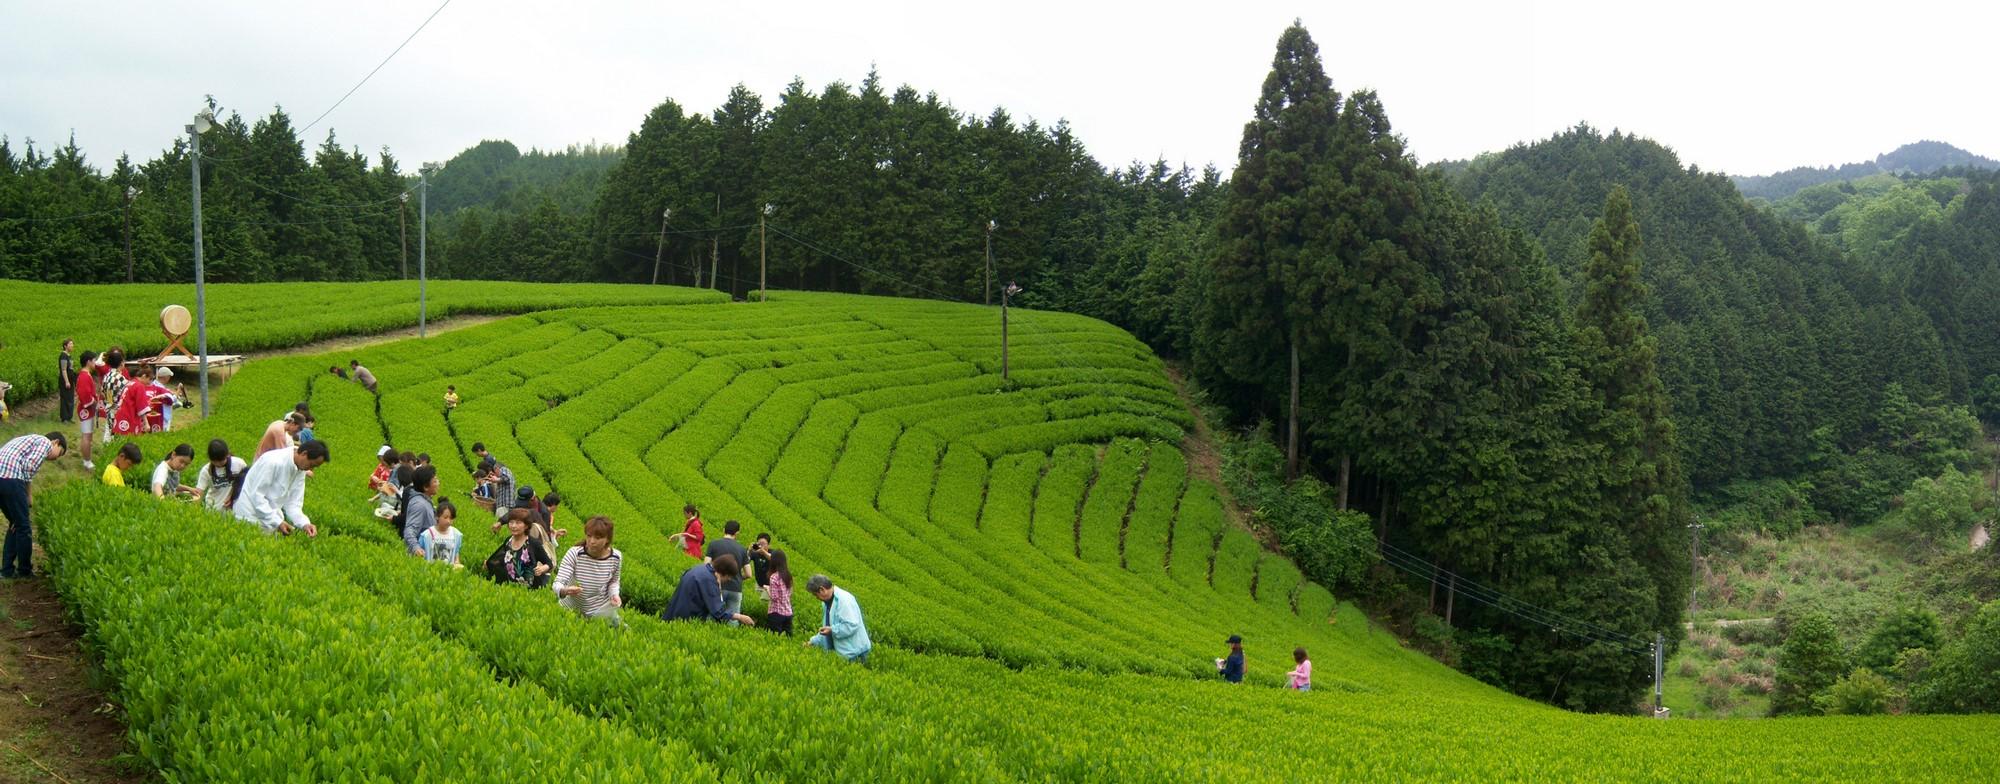 A Japanese tea farm